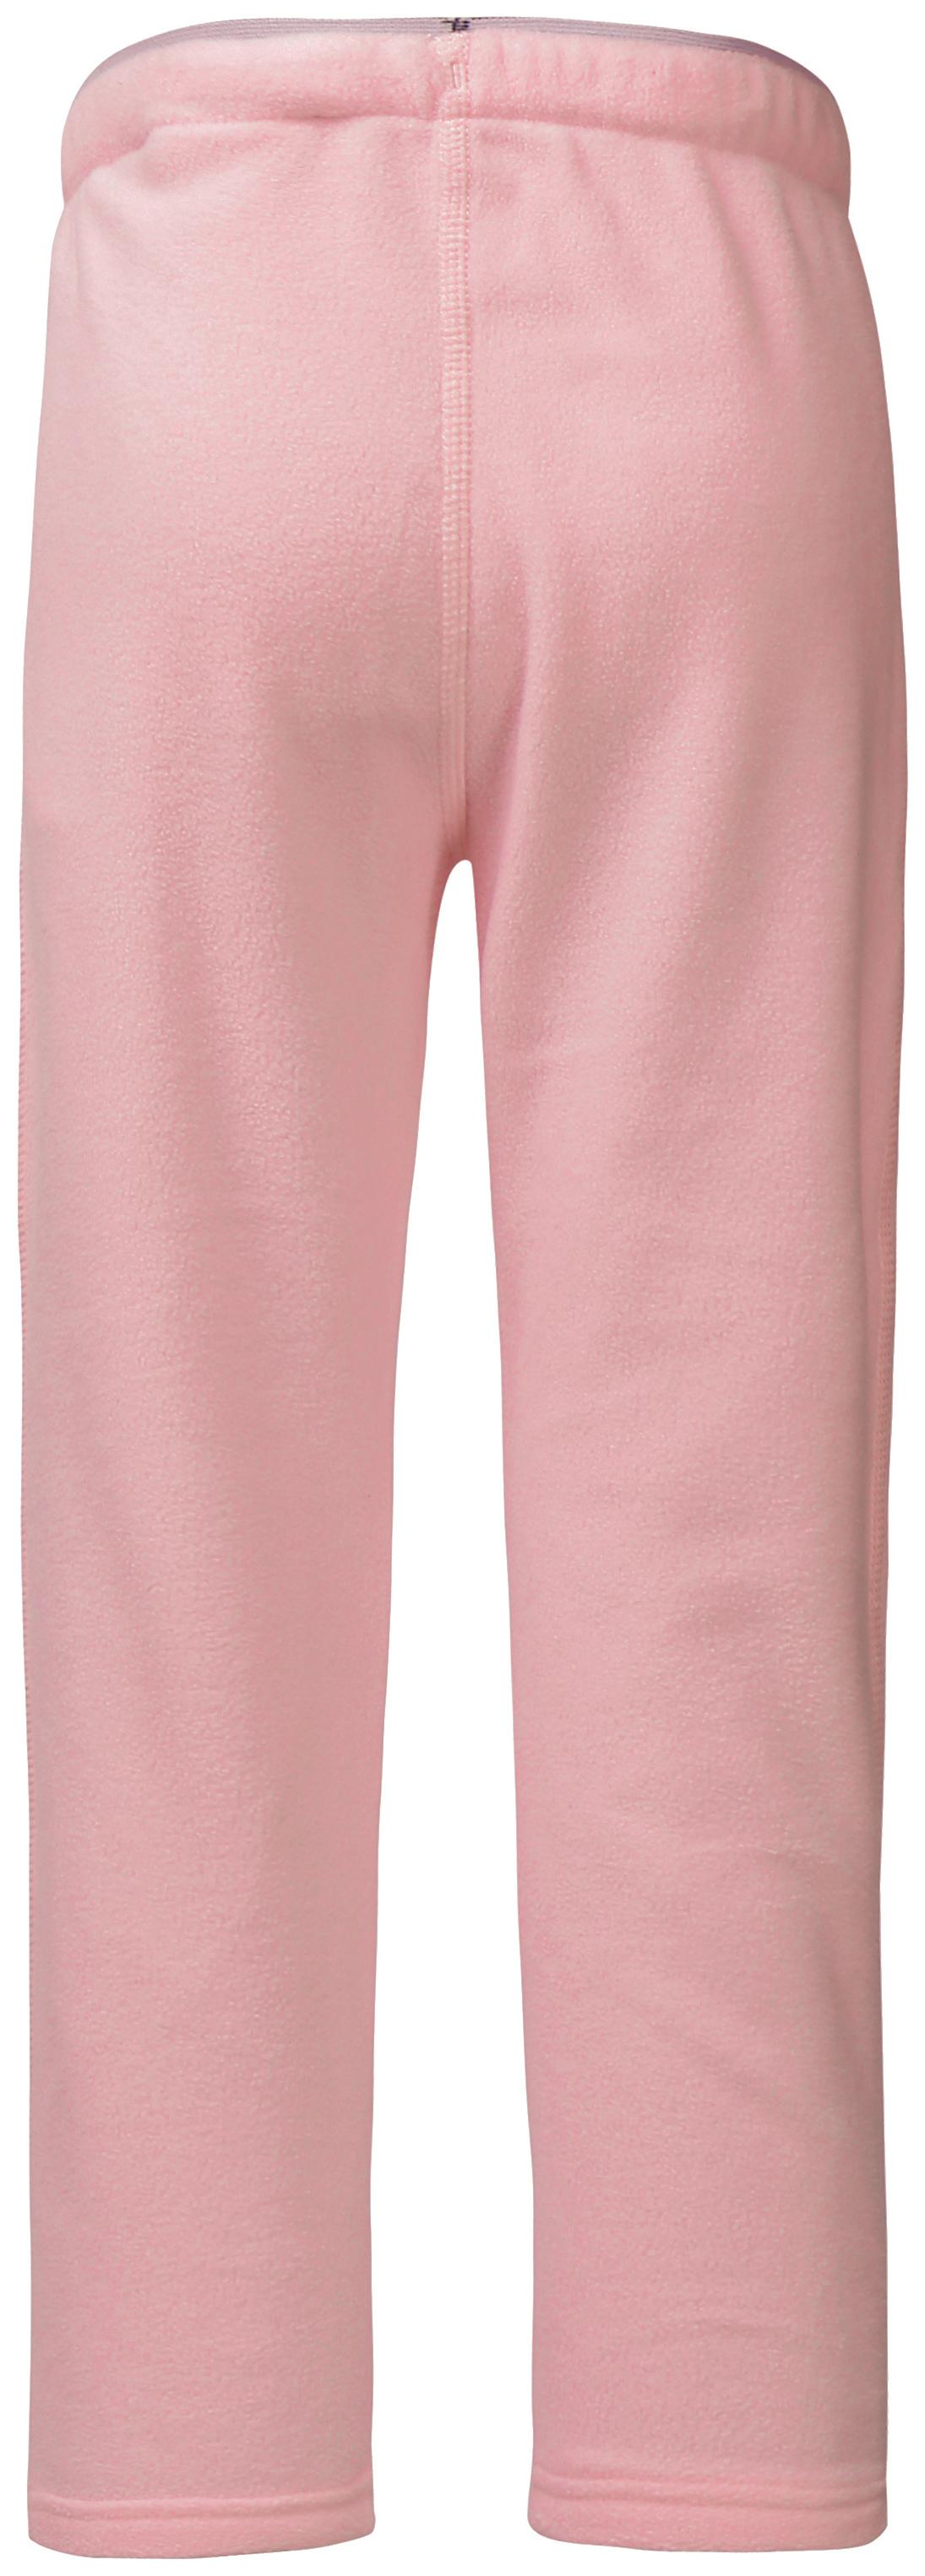 Didriksons Mädchen Softshellhose Outdoorhosen LÖVET KIDS PANT 2 pink winddicht